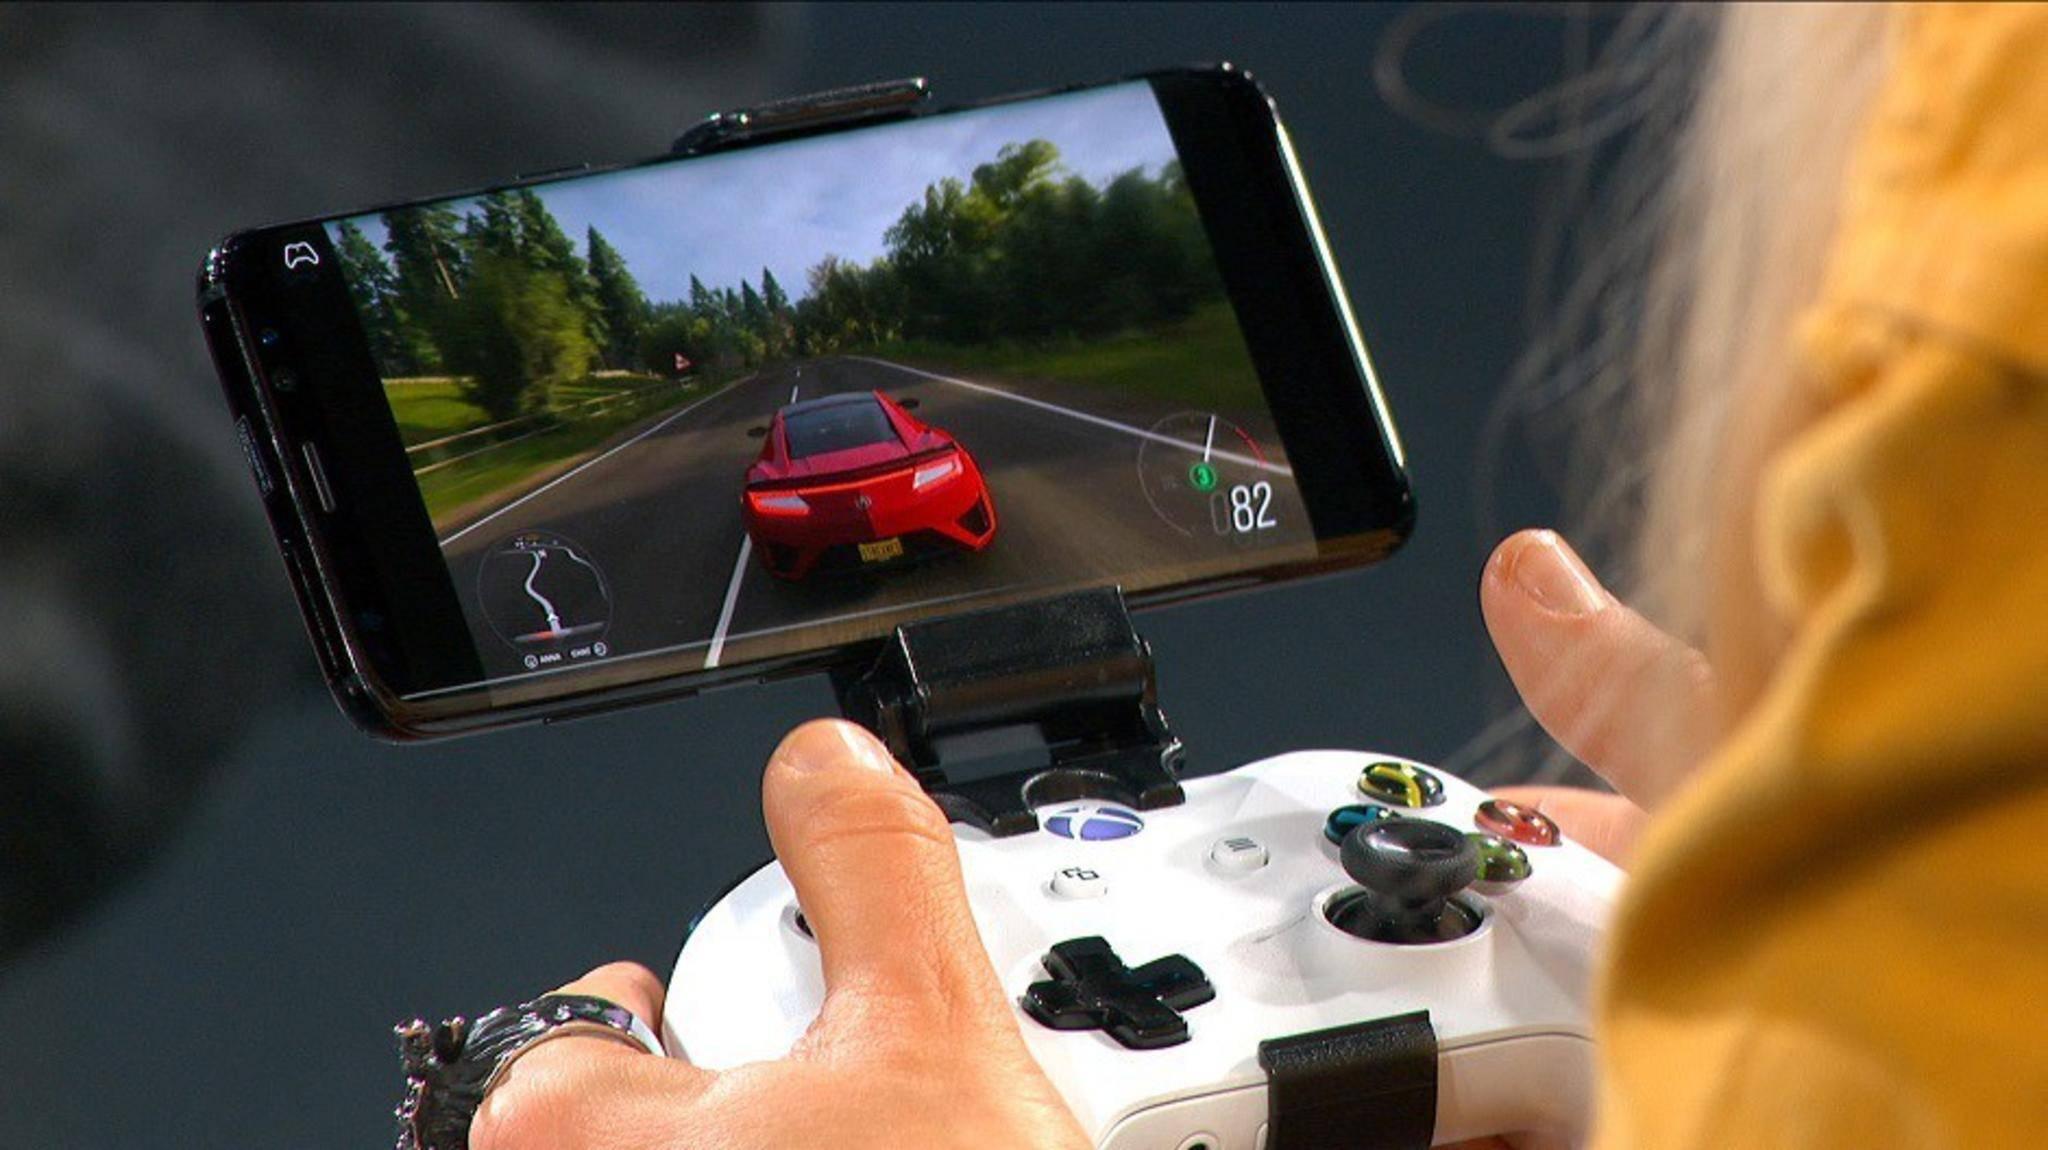 Xbox-Games-Streaming kommt auf das iPhone, aber nur von der lokalen Konsole aus (hier ein Bild von xCloud).